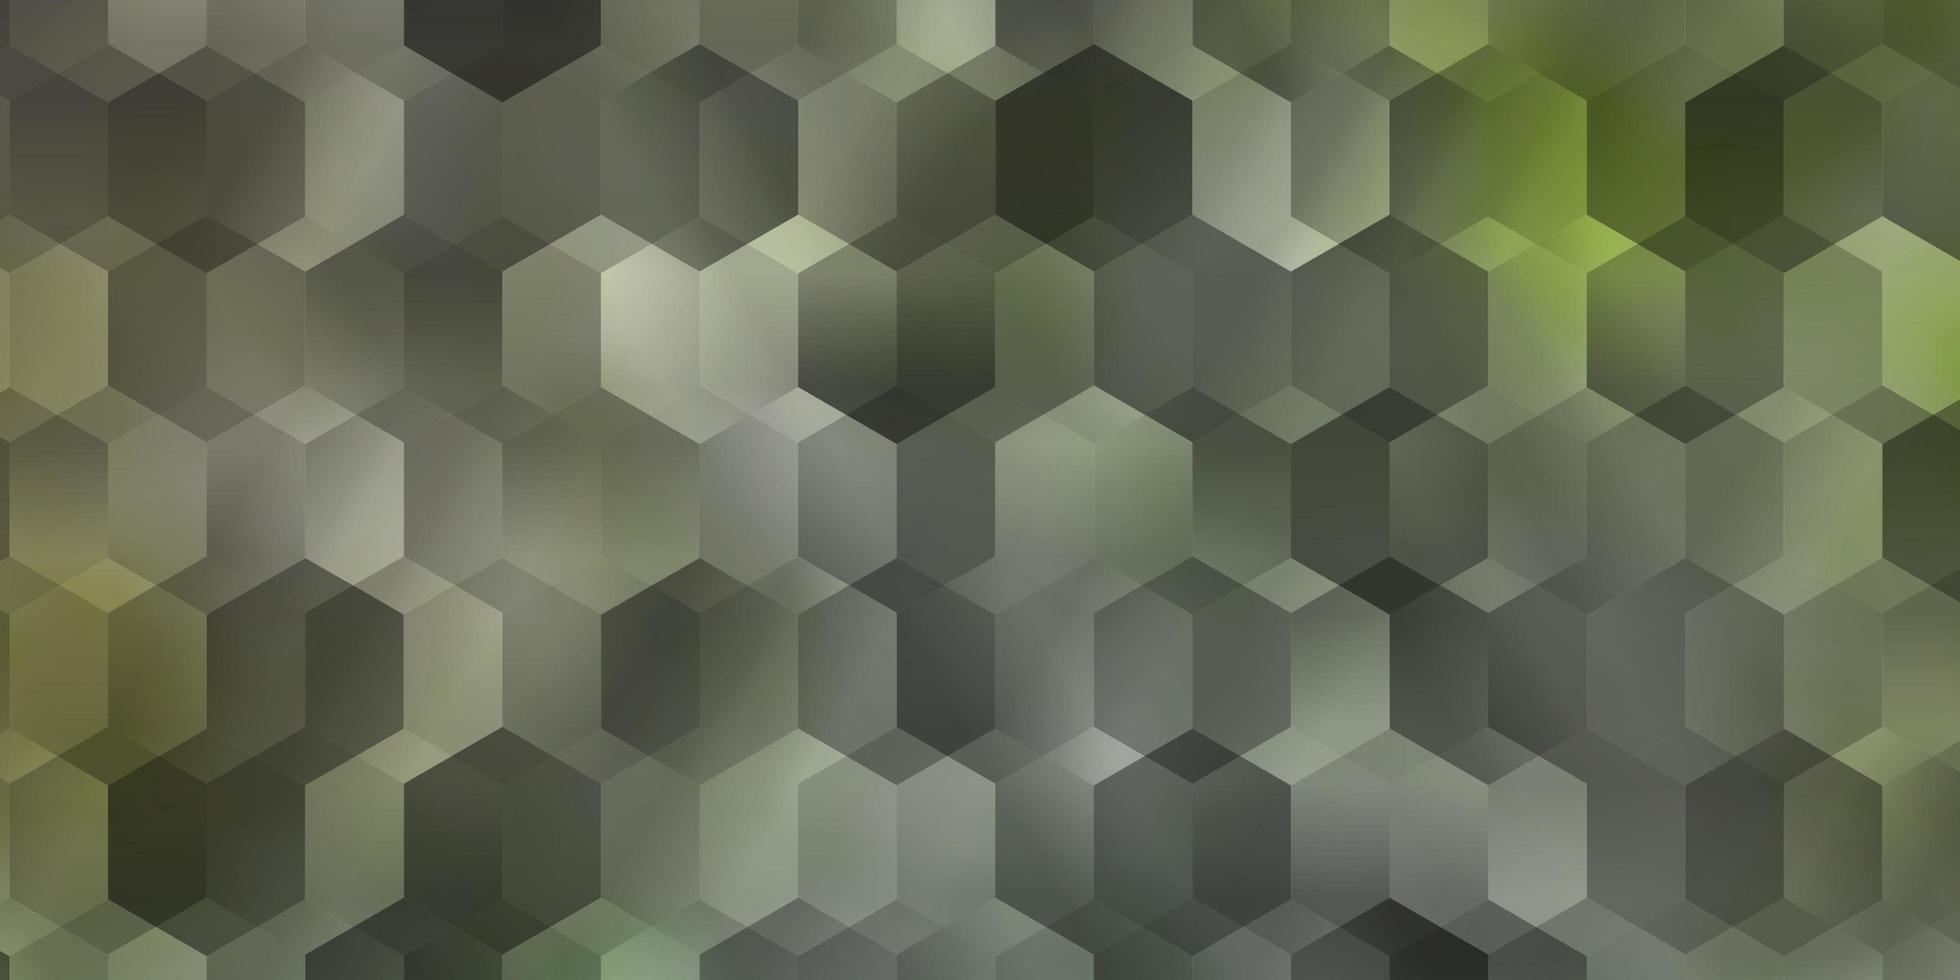 cenário de vetor verde claro com hexágonos.